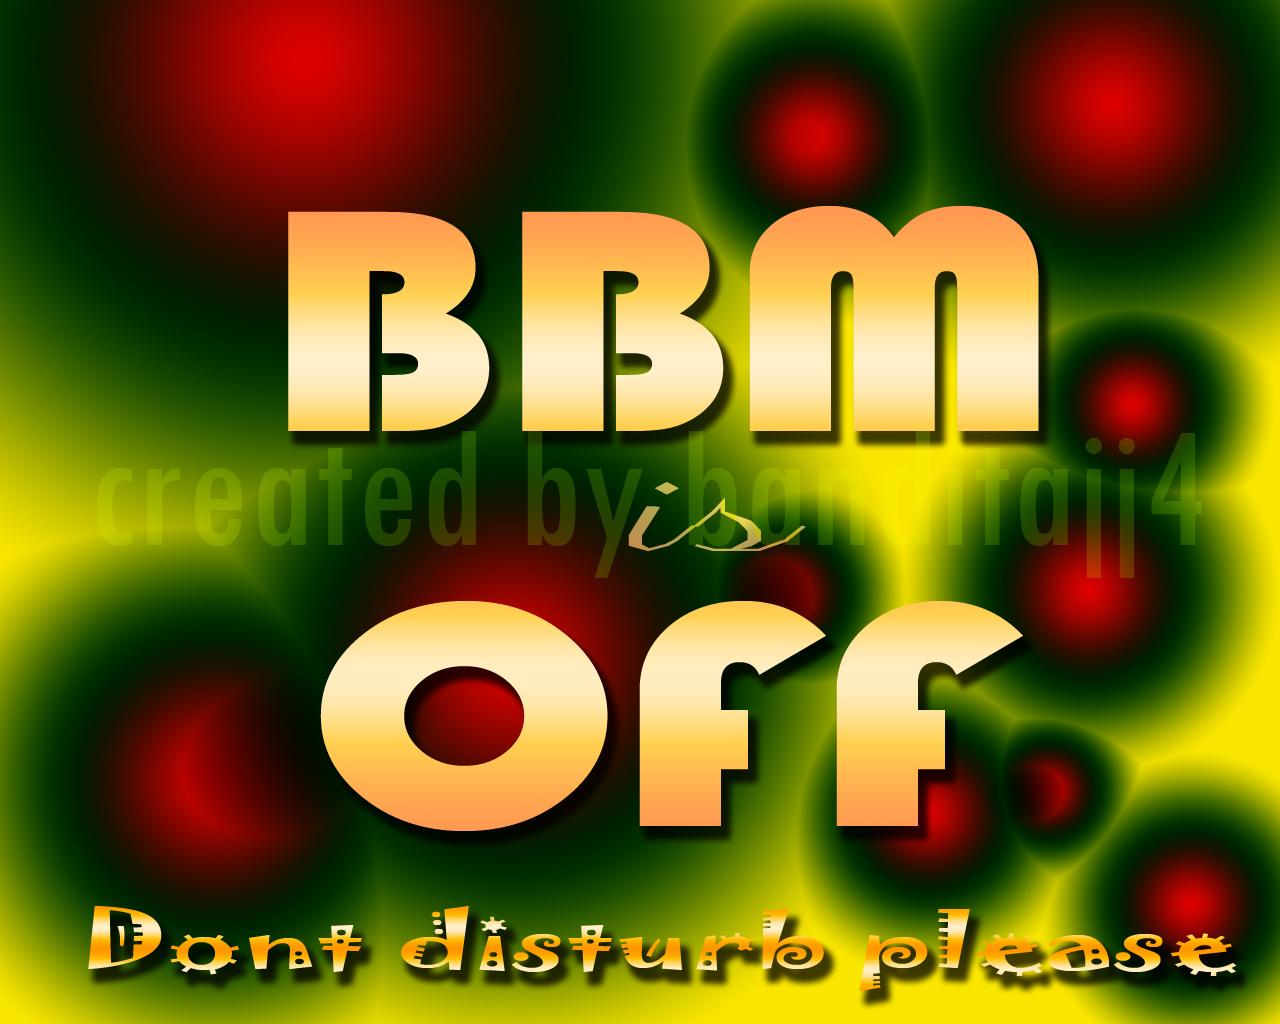 http://3.bp.blogspot.com/-r5-kgFLme54/Tpr4zpK3LZI/AAAAAAAAAKg/YYAQDkXBs9Y/s1600/bbmisoff-banditajj4wallpaperart.blogspot.com.jpg